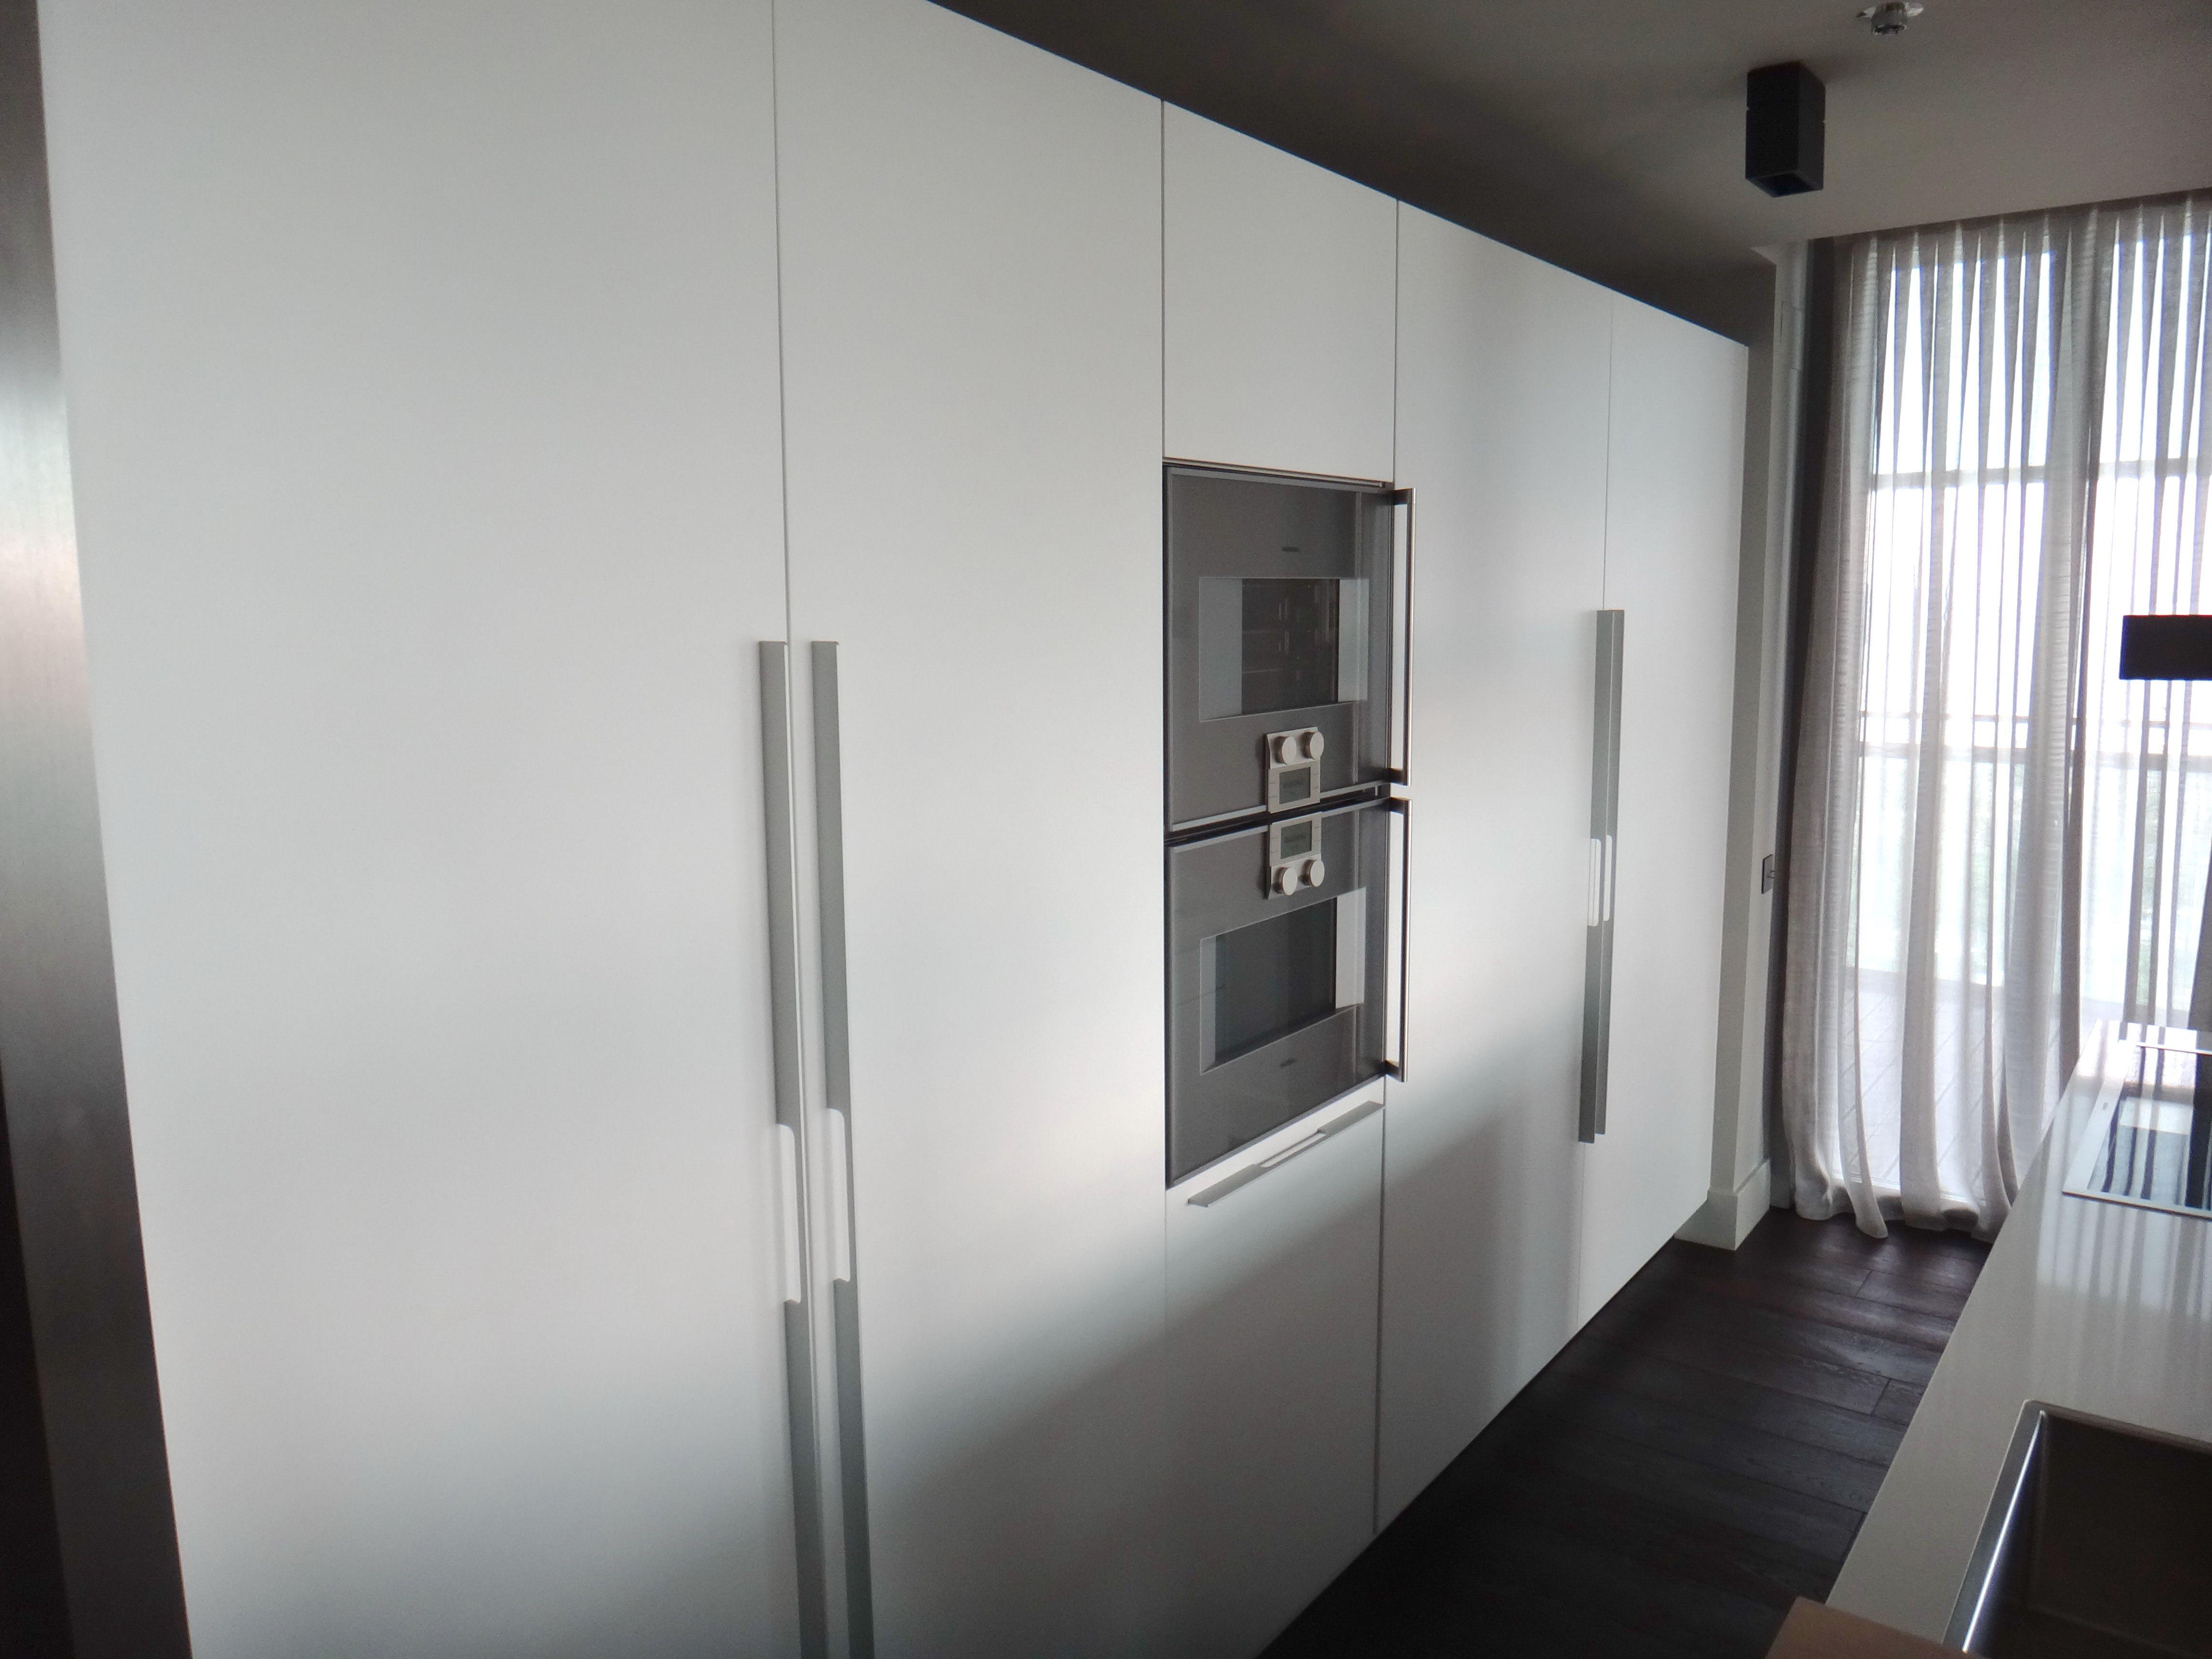 Cocina SANTOS columna coplanar con frigoríficos integrados y detalle ...